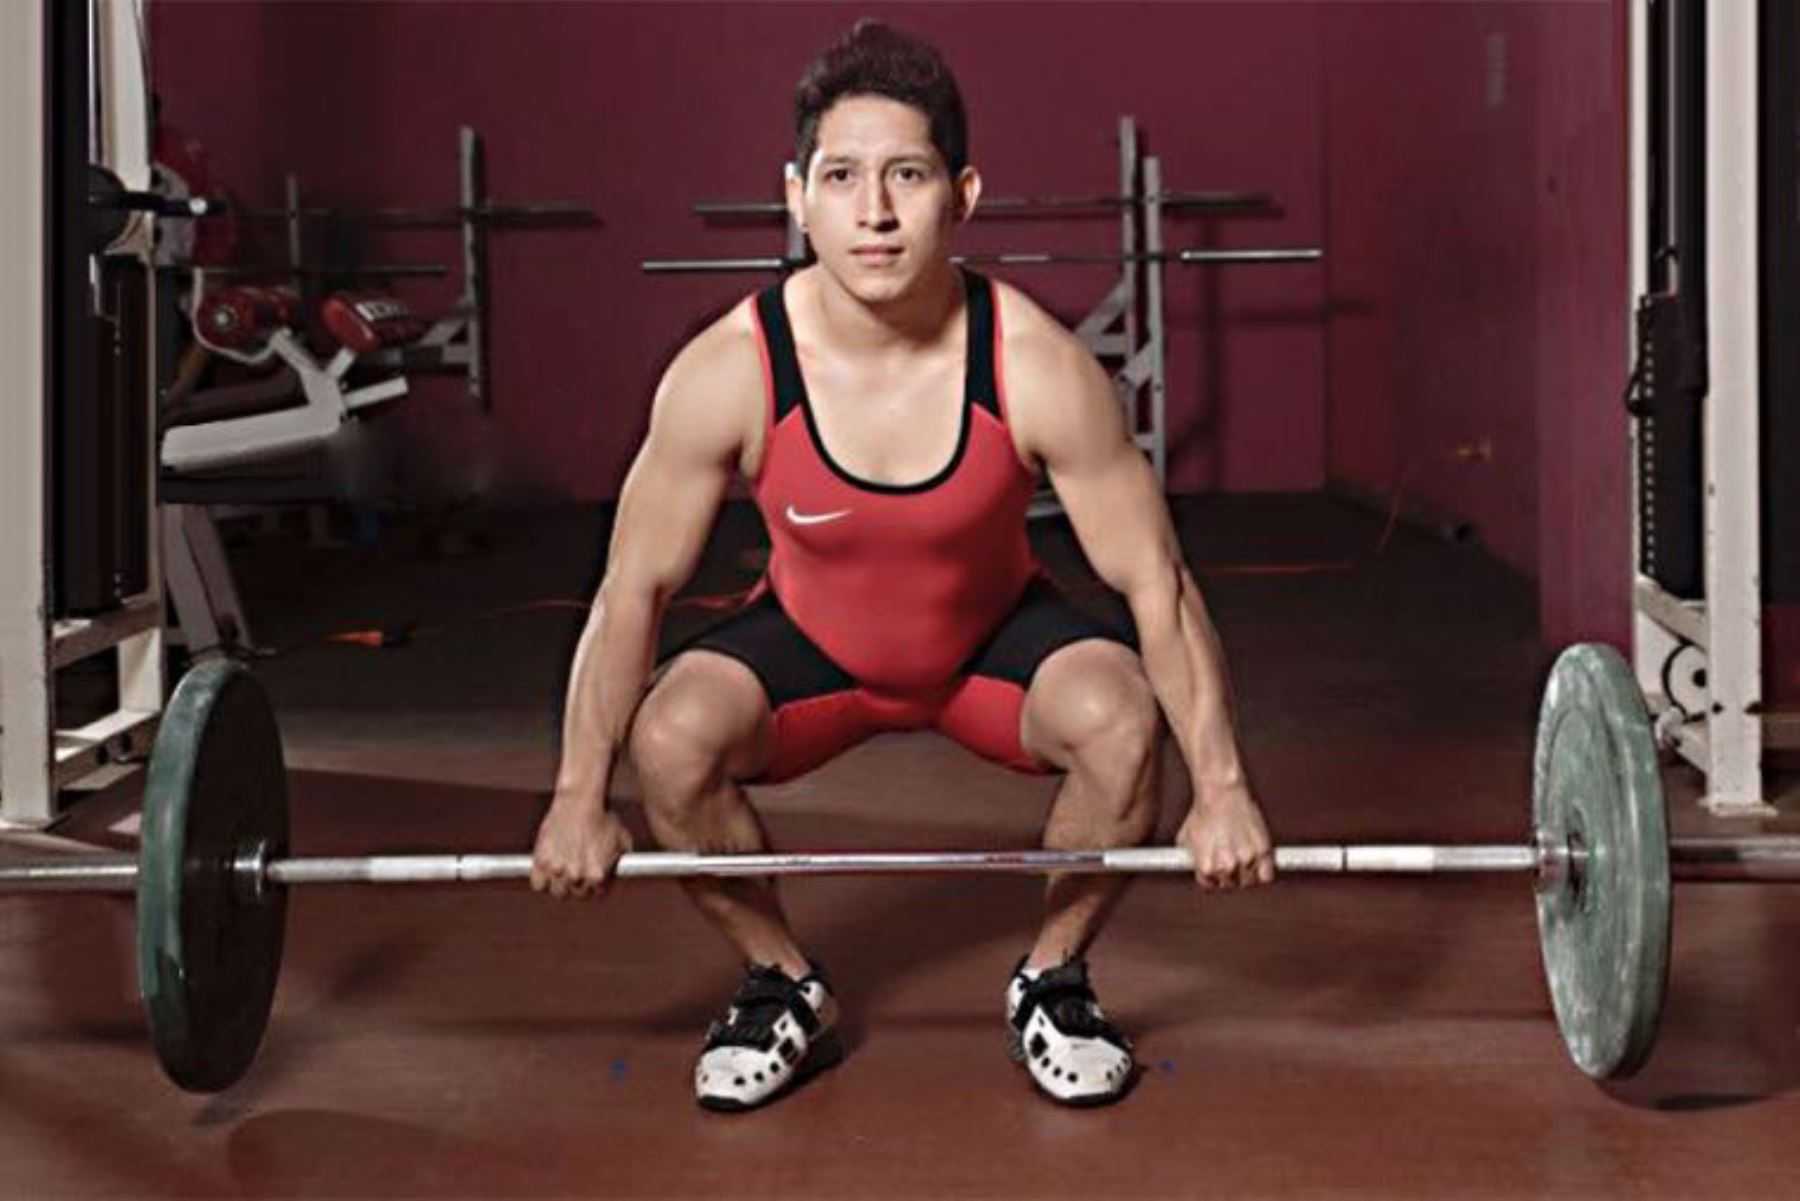 El pesista, Marco Rojas clasifica a los Juegos Olímpicos de Tokio 2020. Foto: Andina/ Difusión